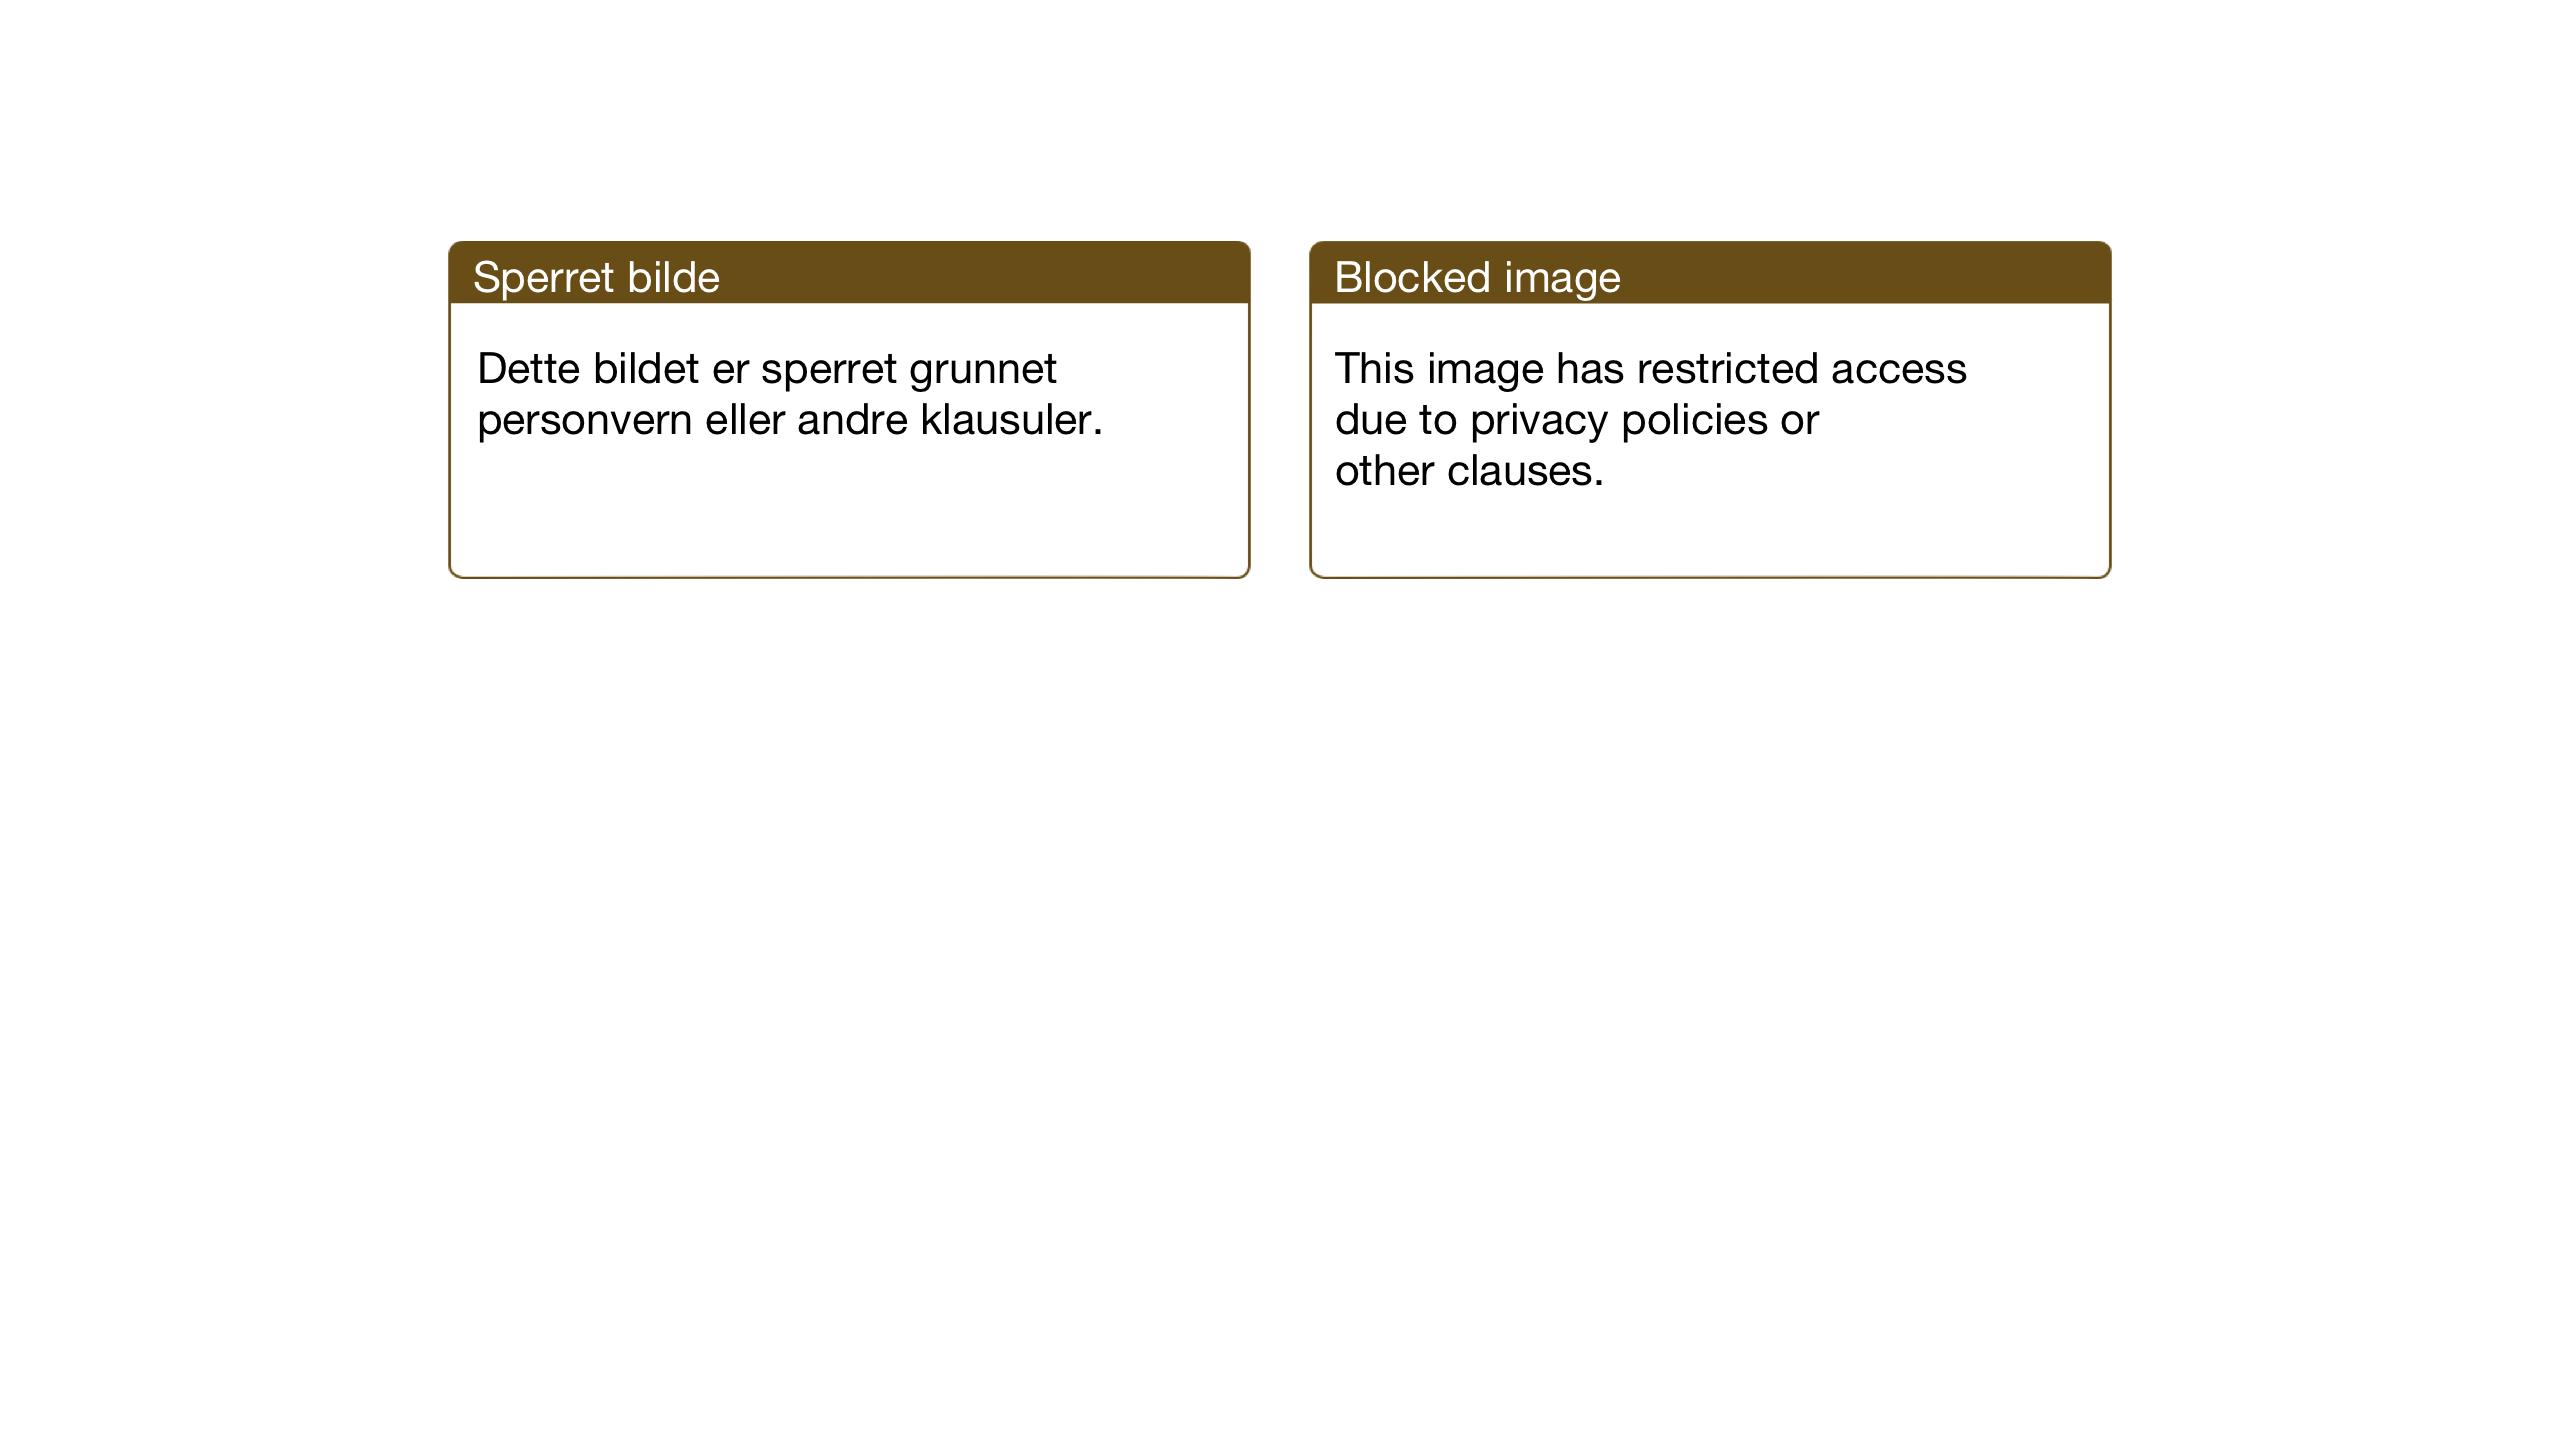 SAT, Ministerialprotokoller, klokkerbøker og fødselsregistre - Sør-Trøndelag, 618/L0454: Klokkerbok nr. 618C05, 1926-1946, s. 80